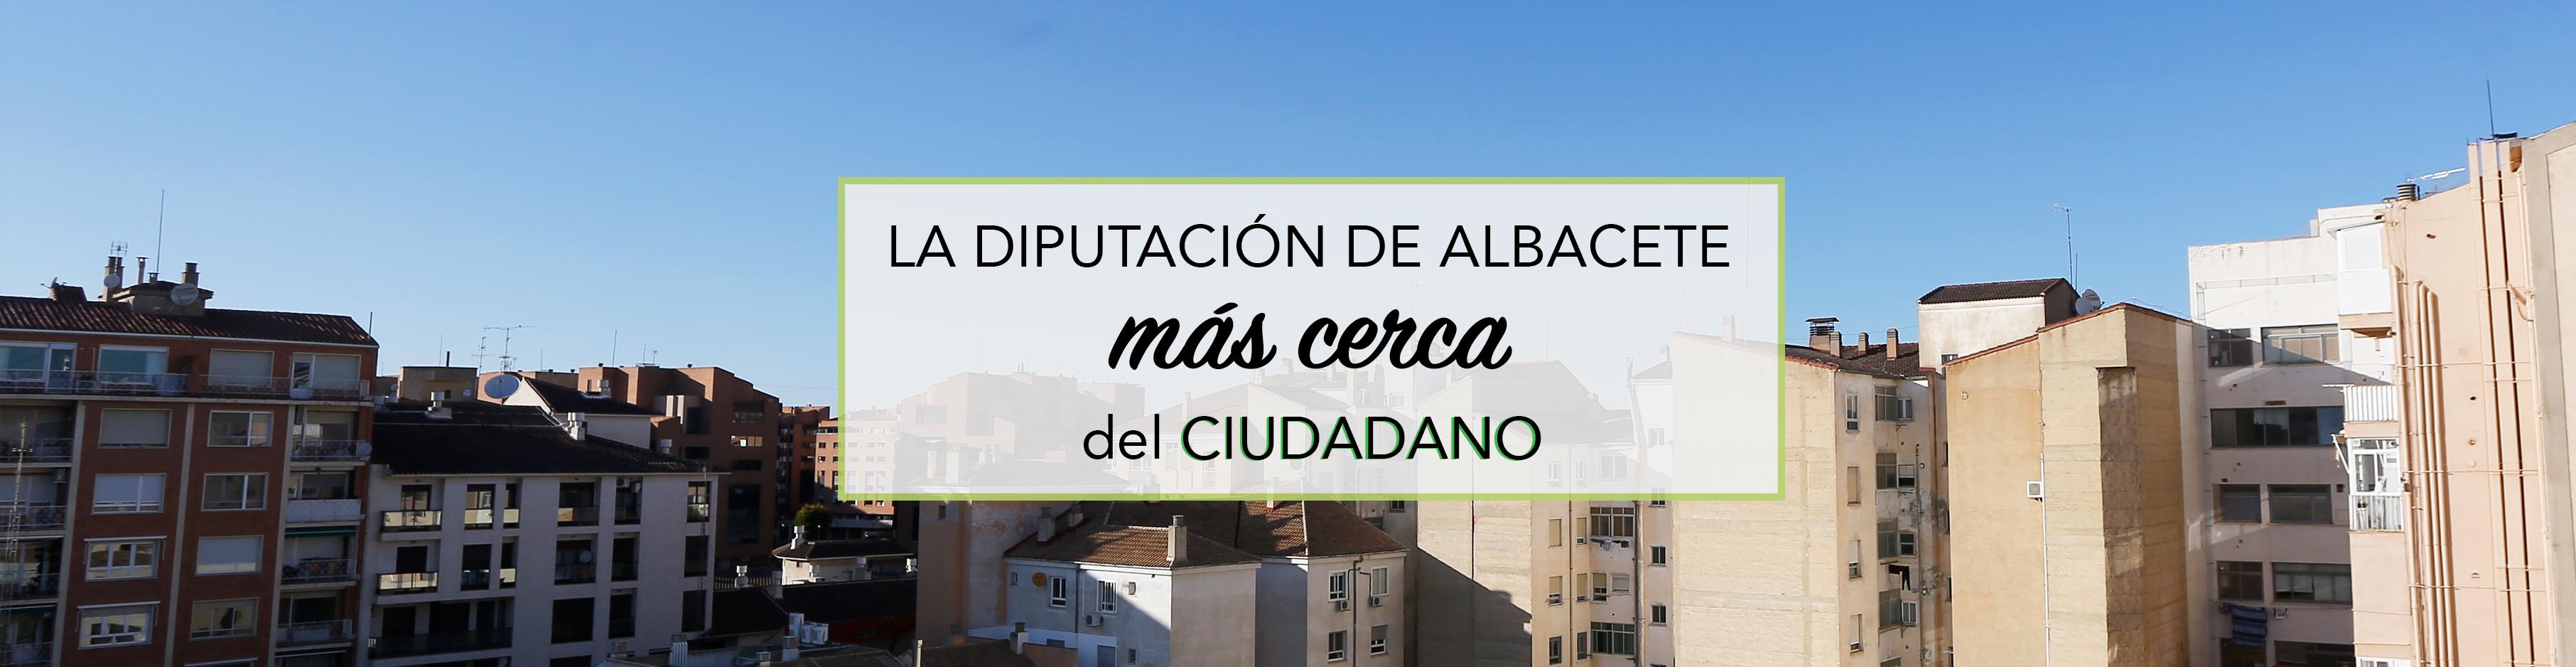 LA DIPUTACIÓN DE ALBACETE MAS CERCA DEL CIUDADANO